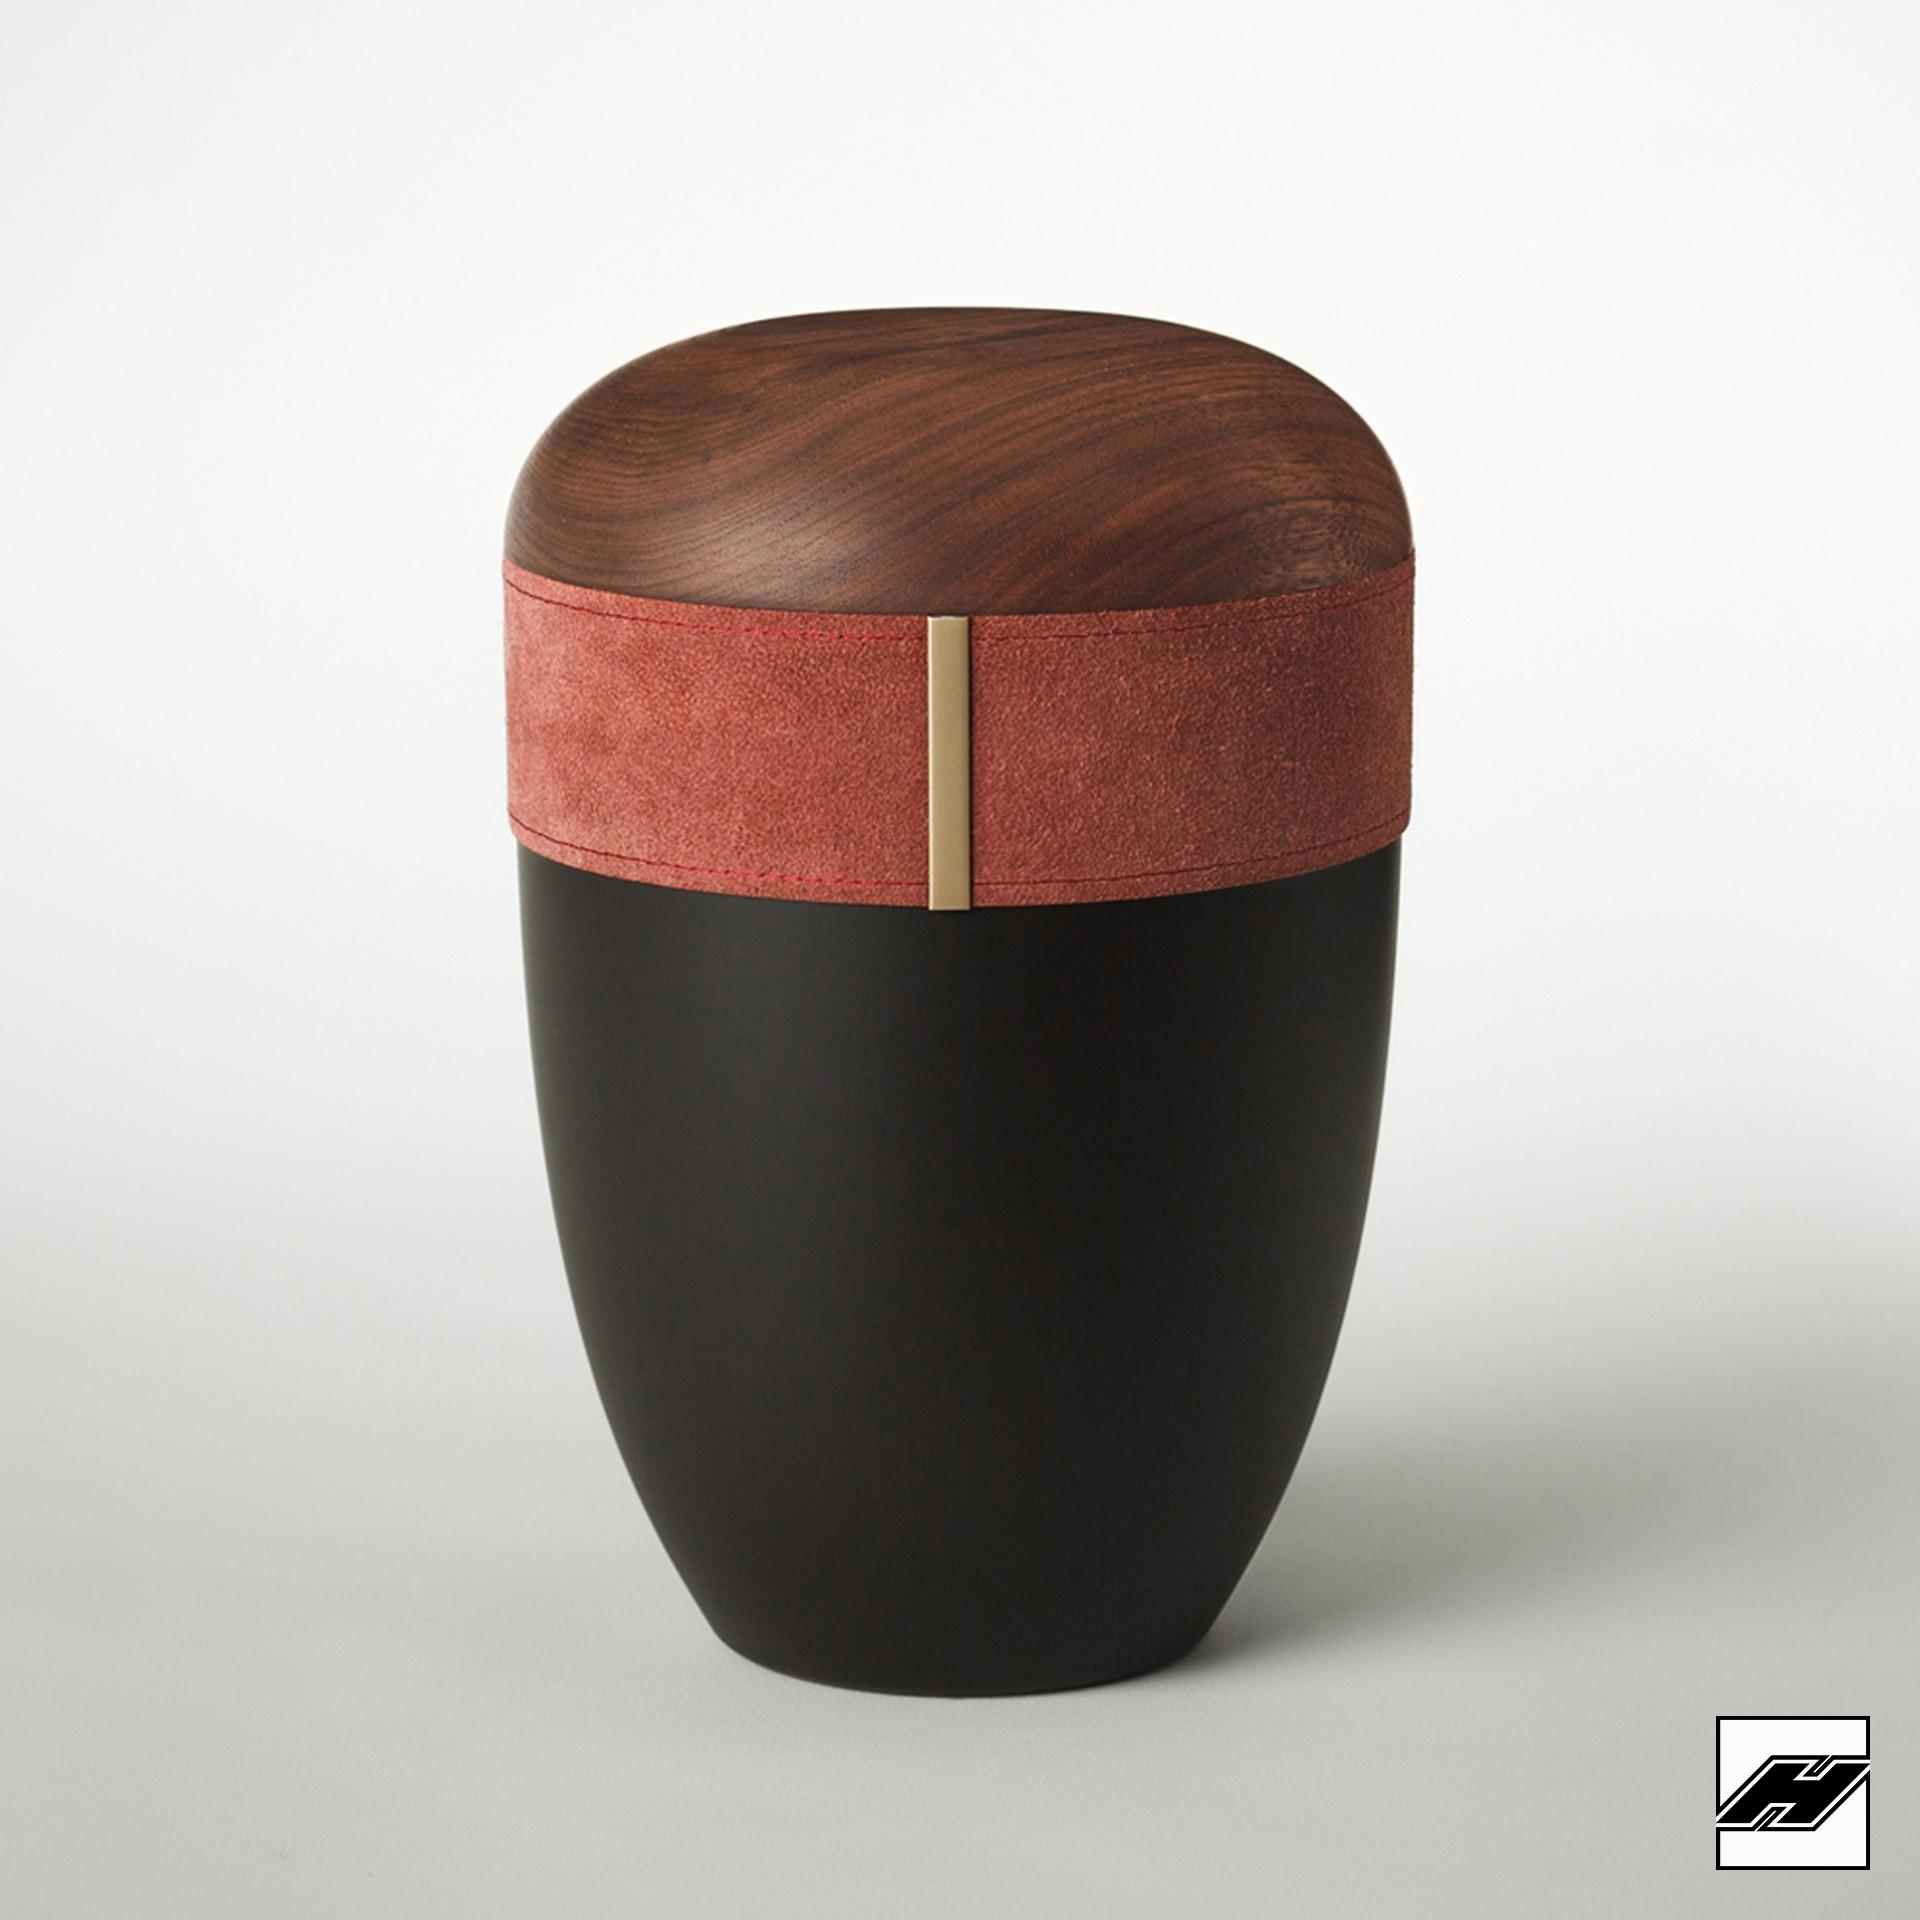 Urne Holz/Leder Bordeaux anthrazit, mit Wildleder